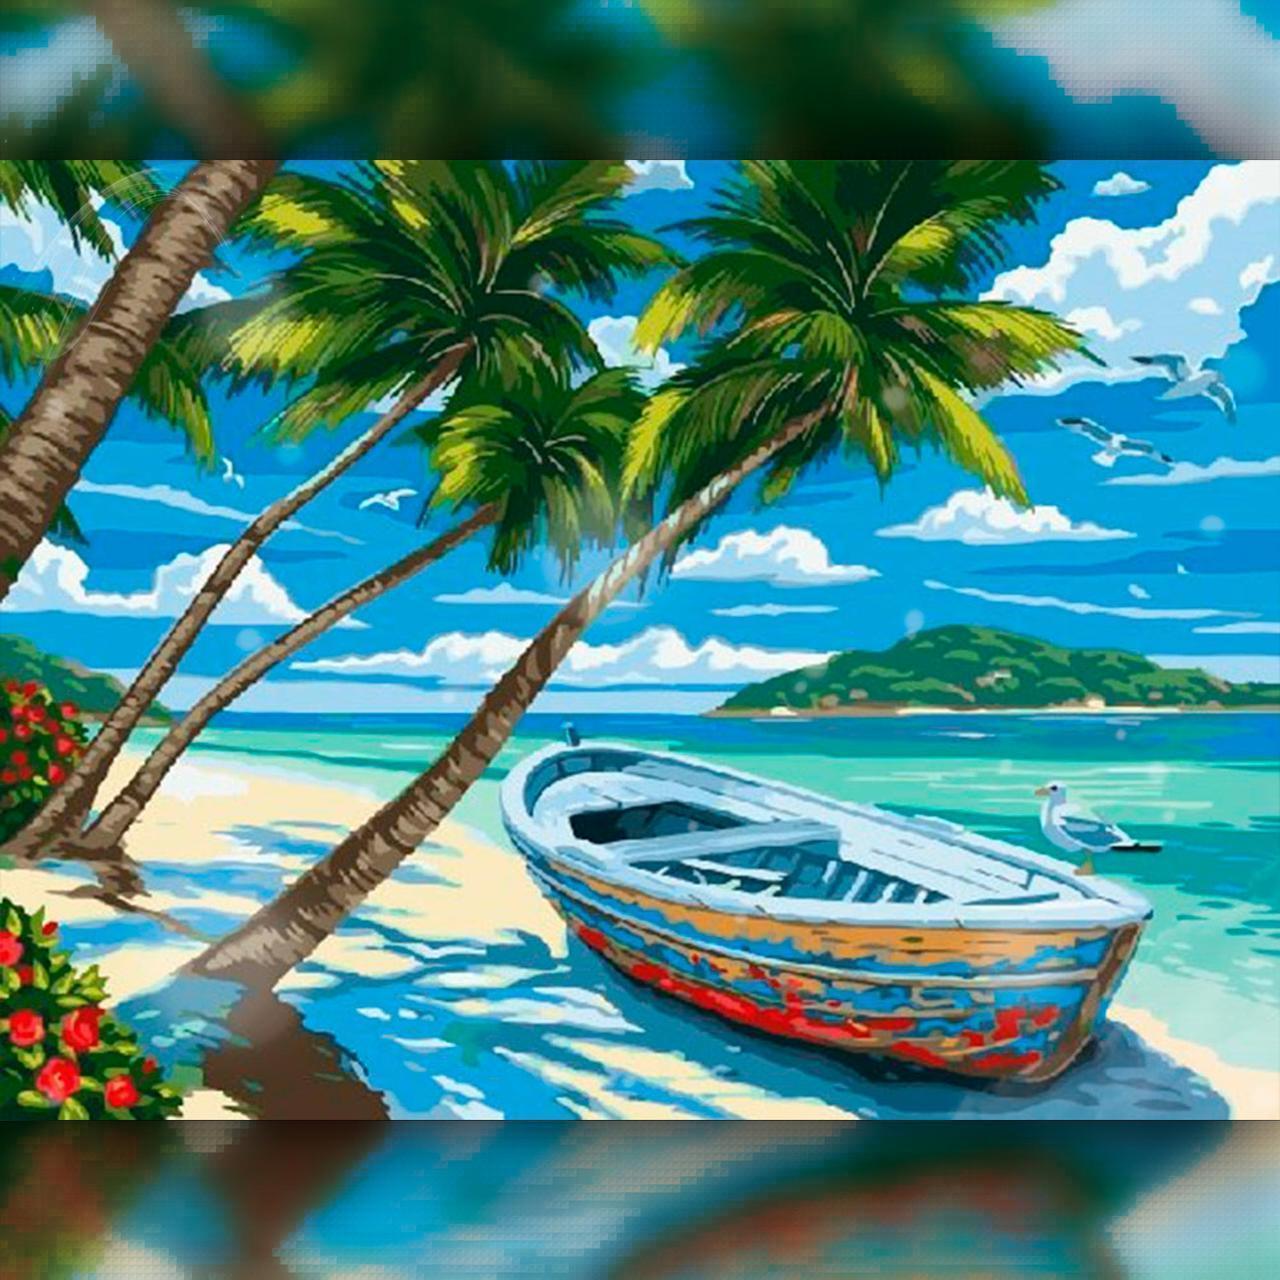 Алмазная вышивка мозаика The Wortex Diamonds Тропический остров 30x40см TWD30021 полная зашивка квадратные